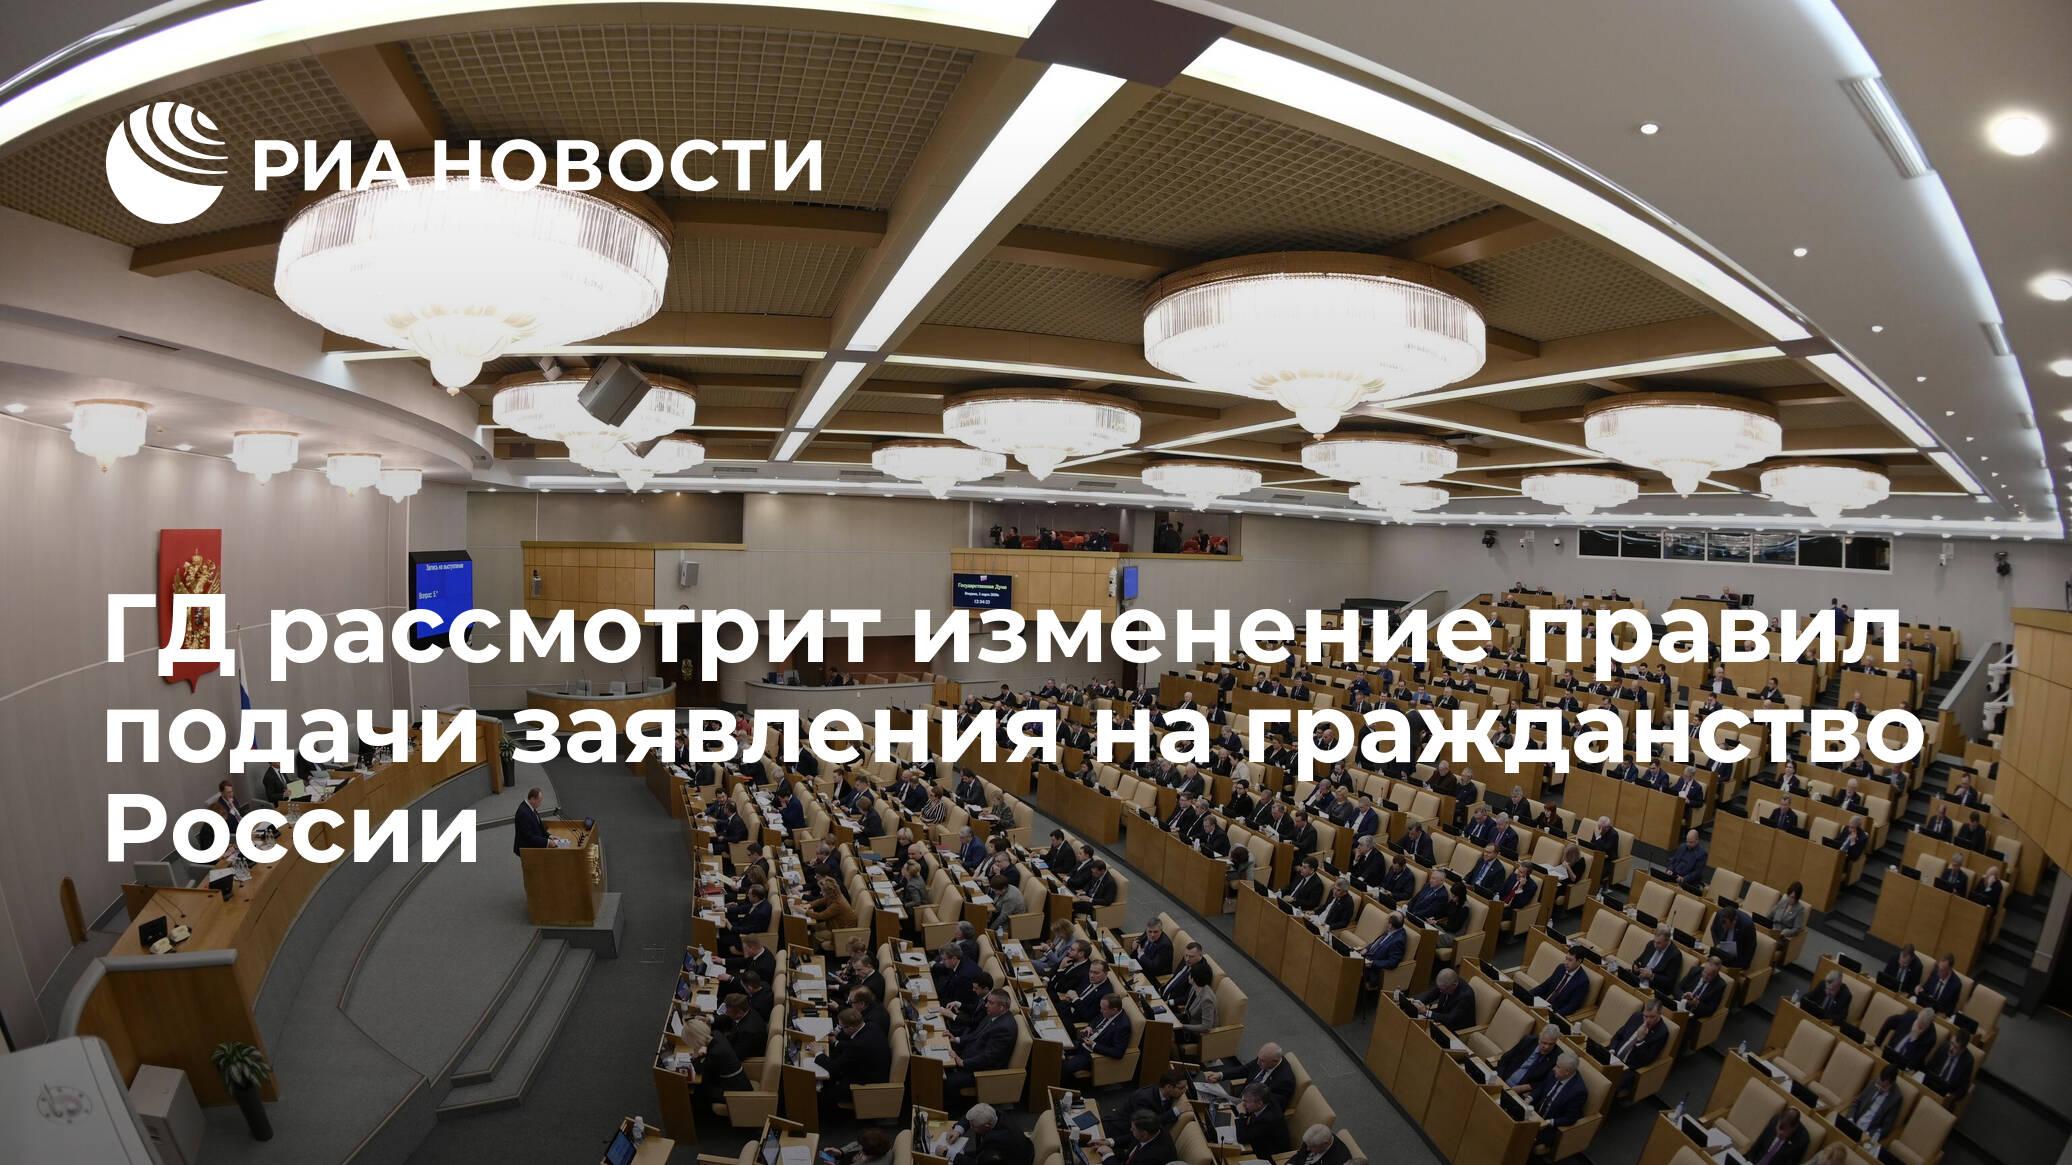 ГД рассмотрит изменение правил подачи заявления на гражданство России